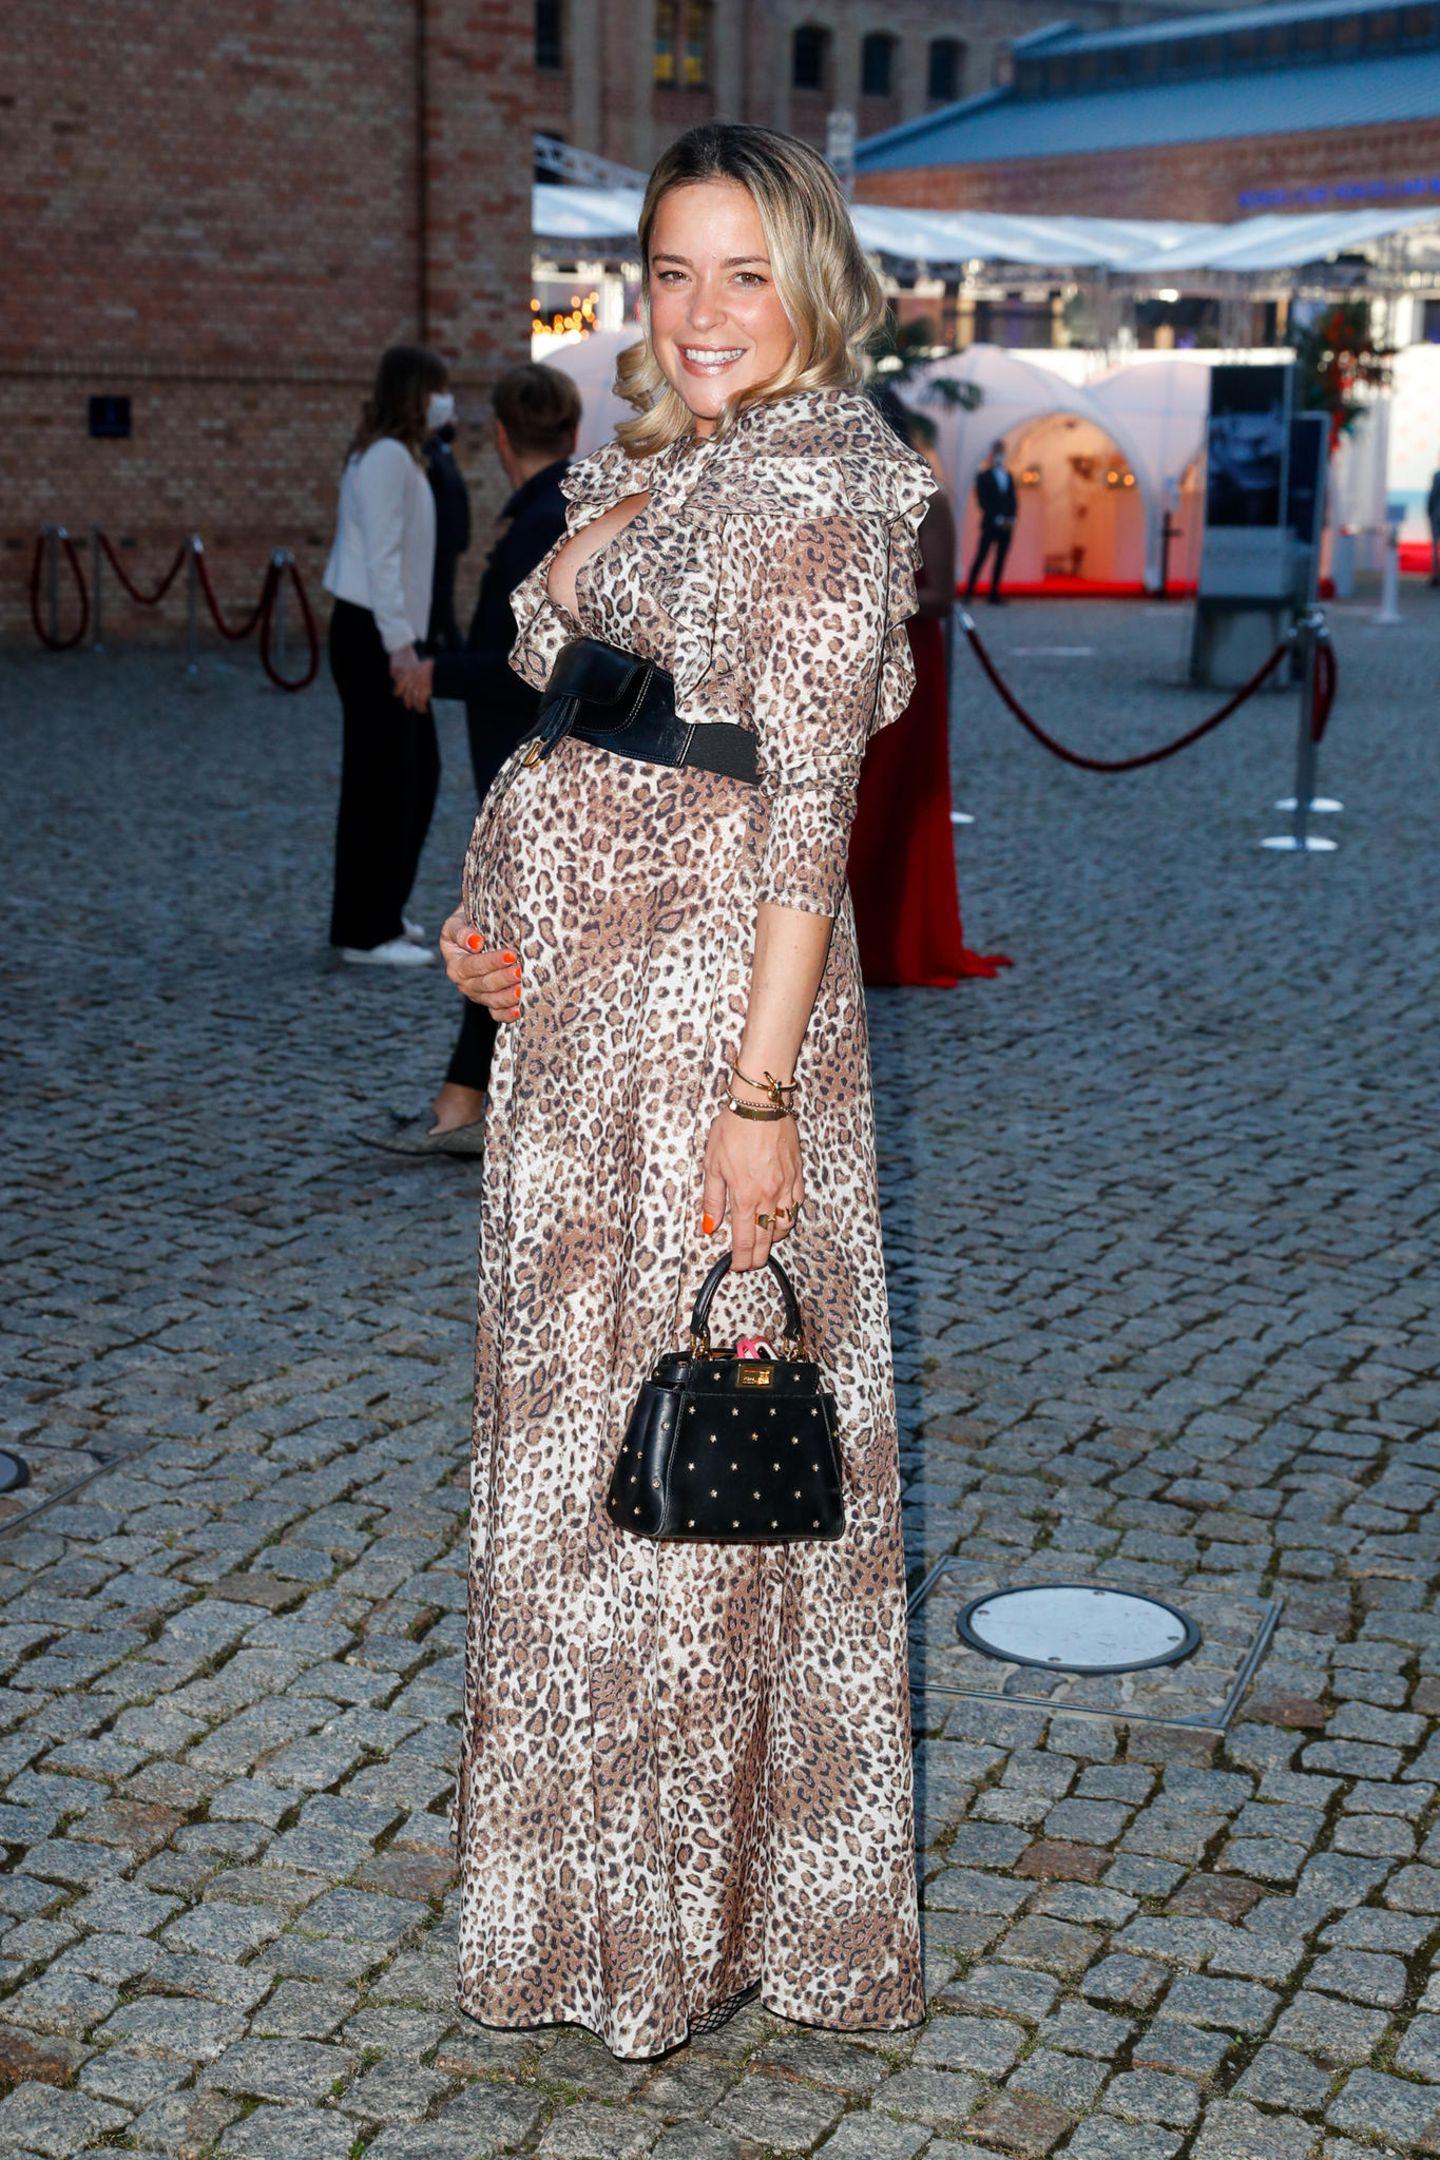 Tierisch schick zeigt sich Marina Hoermanseder beim Raffaello Summer Dinner 2020 in Berlin. Die schwangere Modedesignerin trägt ein edles Maxi-Dress mit Leo-Muster und setzt ihren wachsenden Babybauch mit einem schwarzen Taillengürtel besonders in Szene. Ein tiefer Ausschnitt und XL-Volants an den Schultern unterstreichen zusätzlich ihre feminine Seite. Süßes Detail: Die lackierten Fingernägel in sommerlichem orangerot.